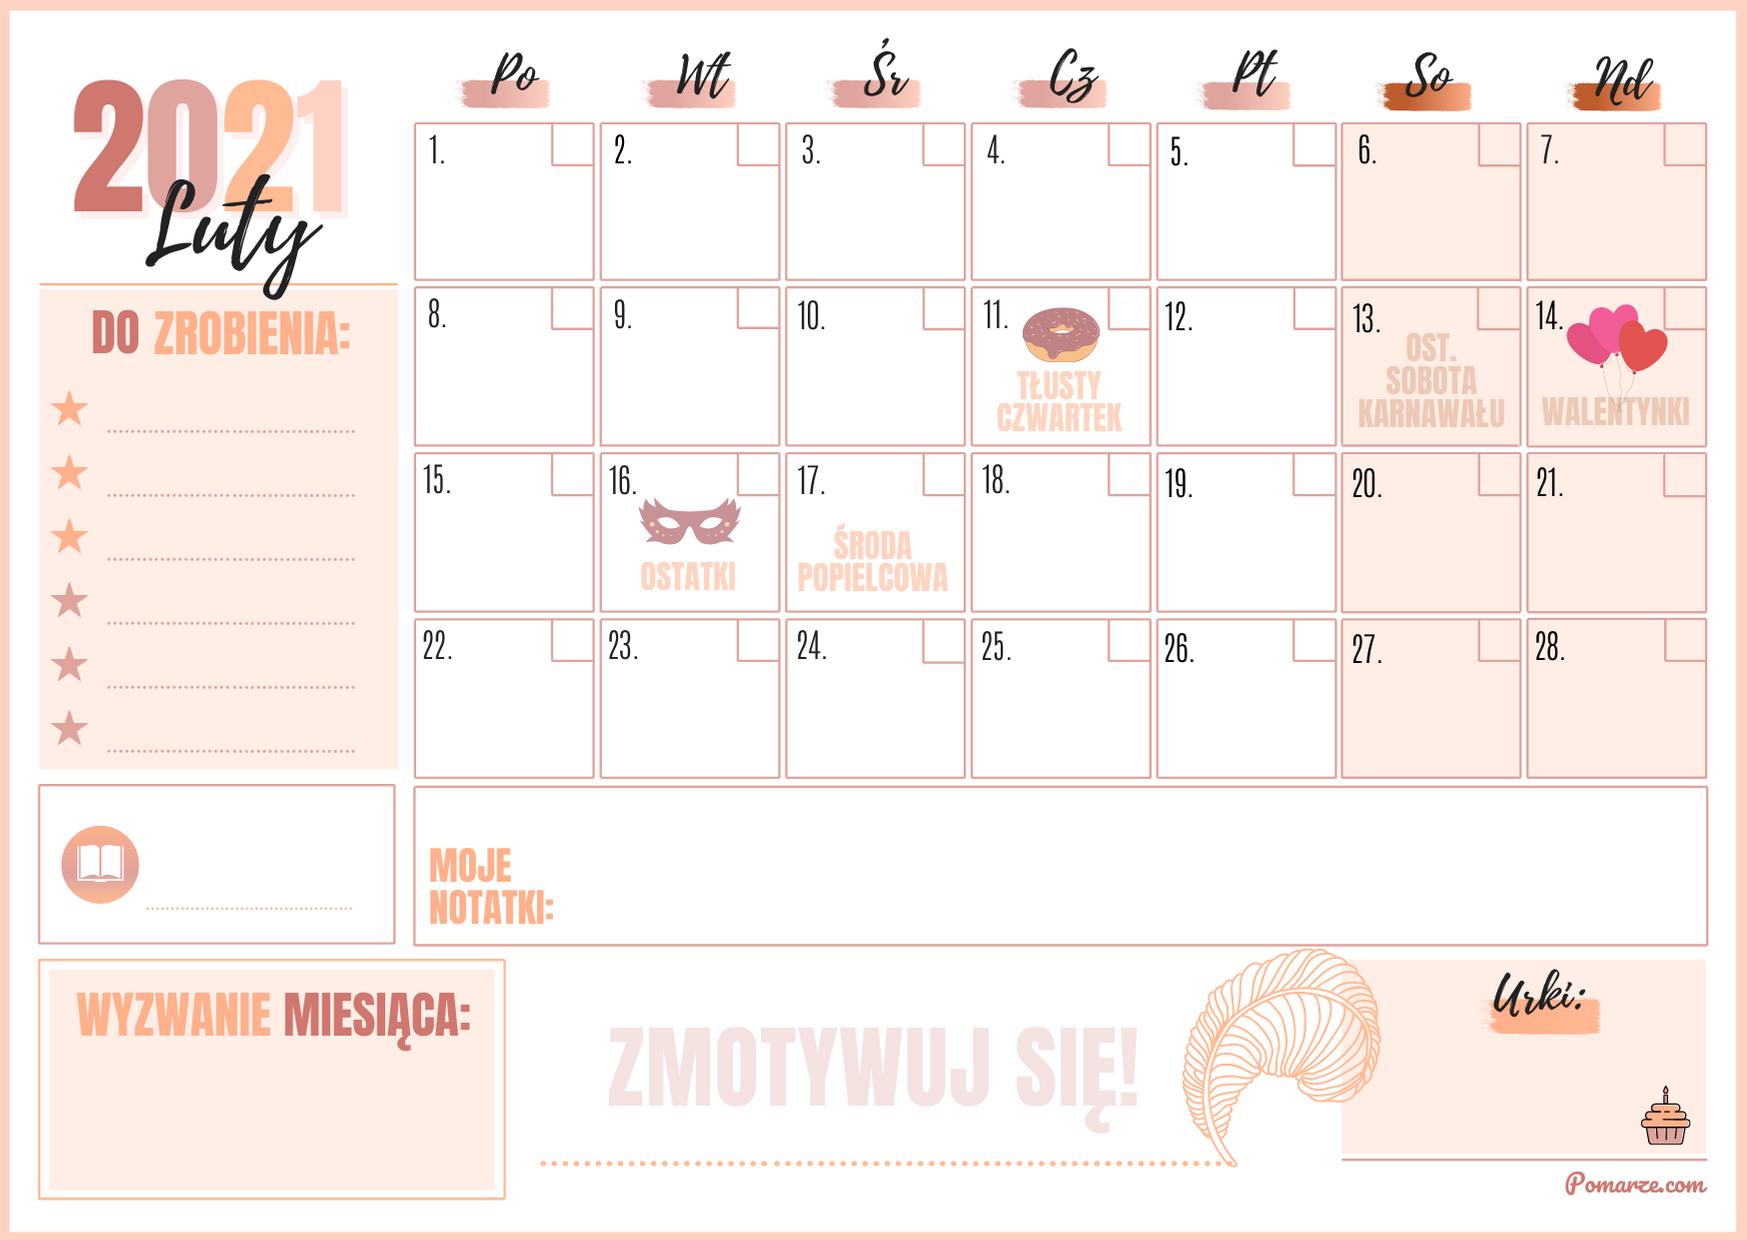 Kalendarz miesieczny planer Luty 2021 różowy notatki